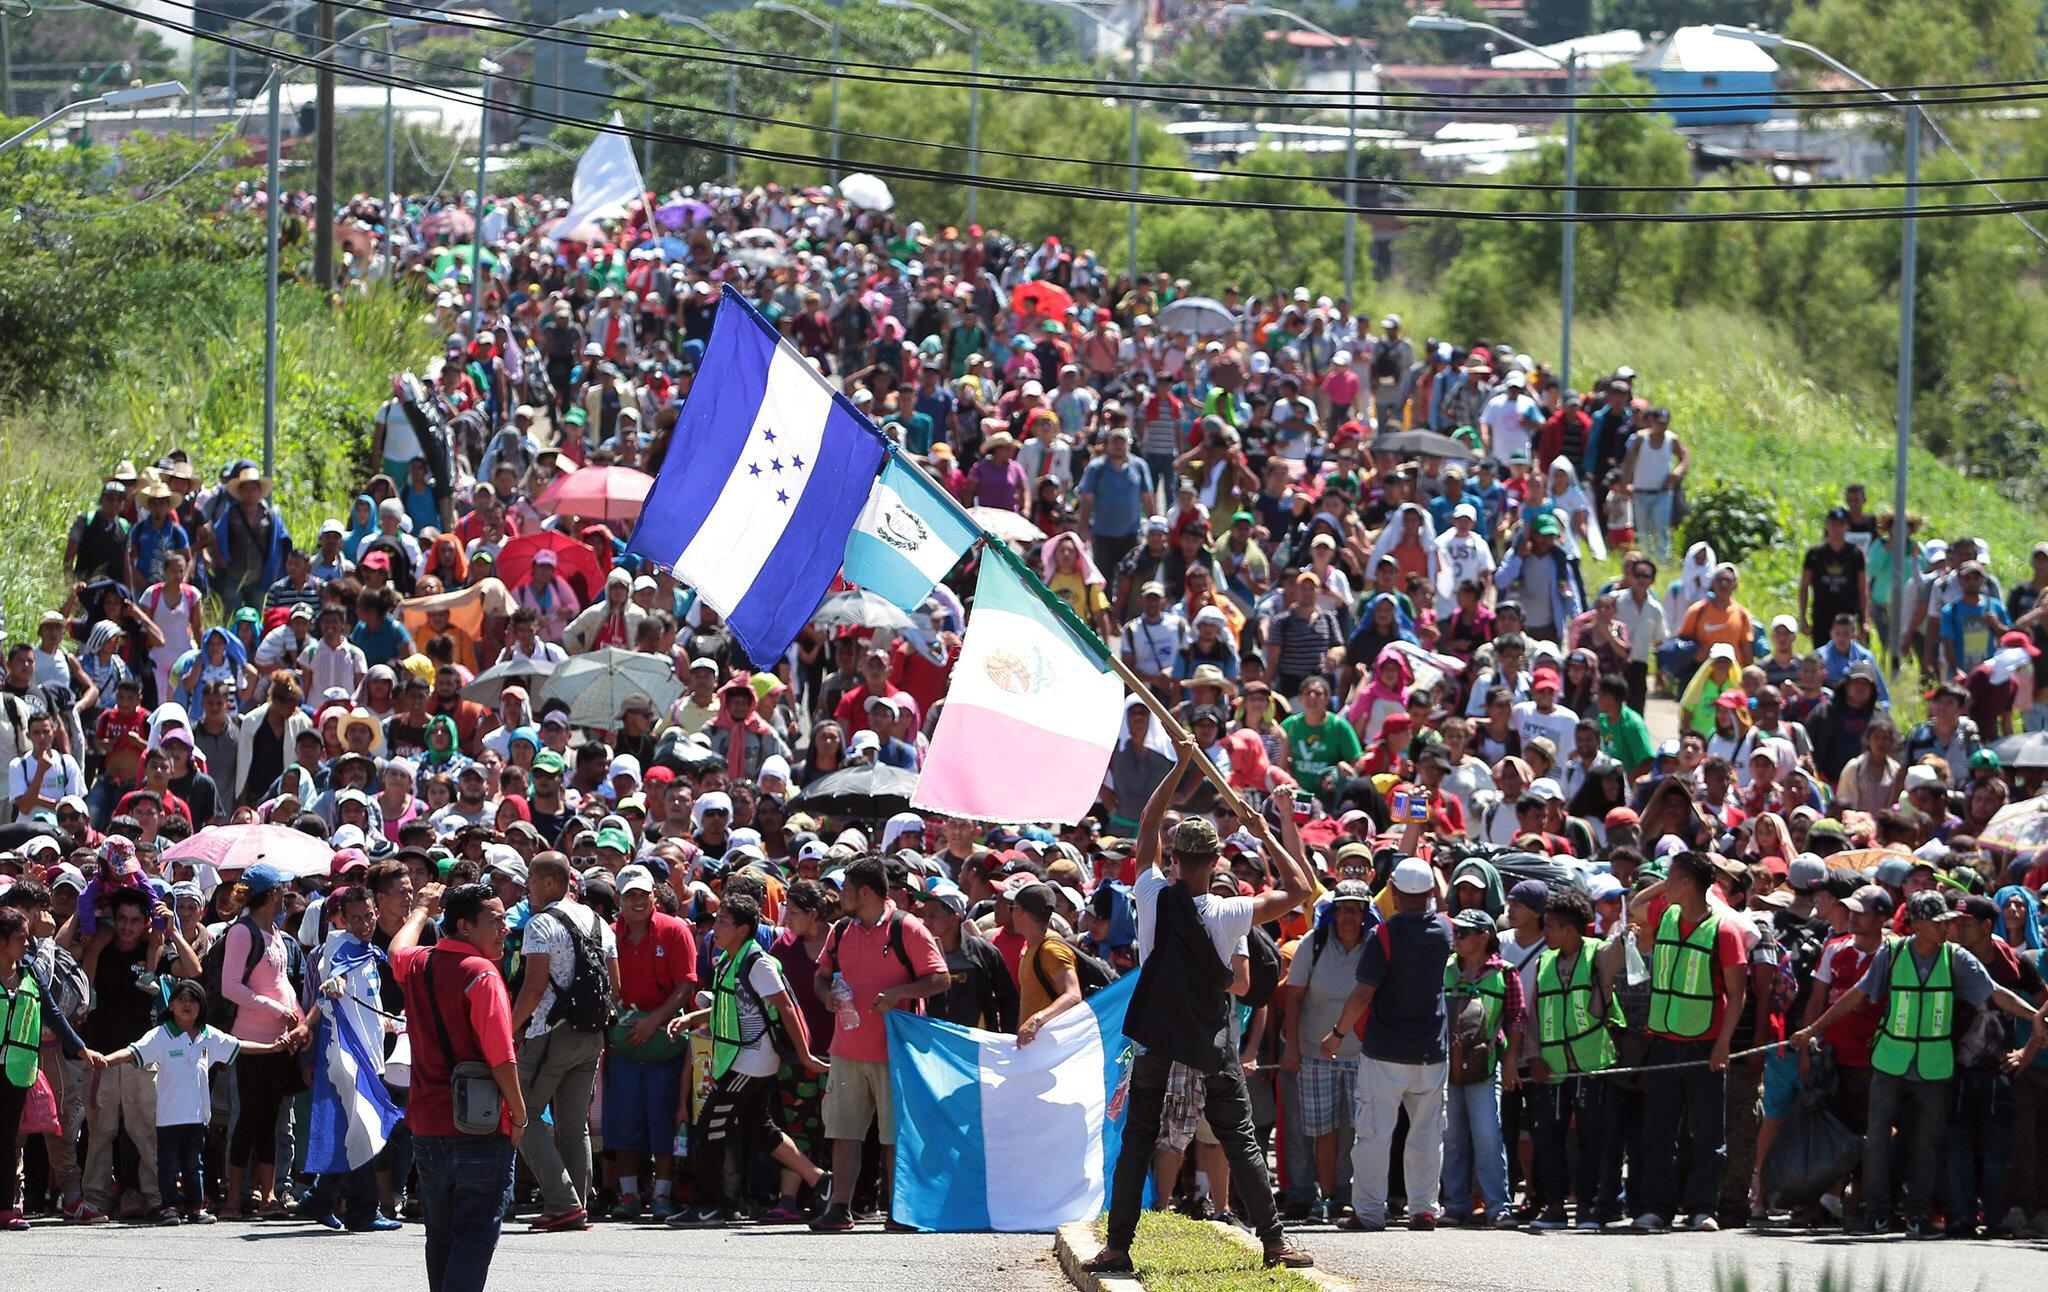 Bild zu Mittelamerikanische Migranten auf dem Weg in die USA